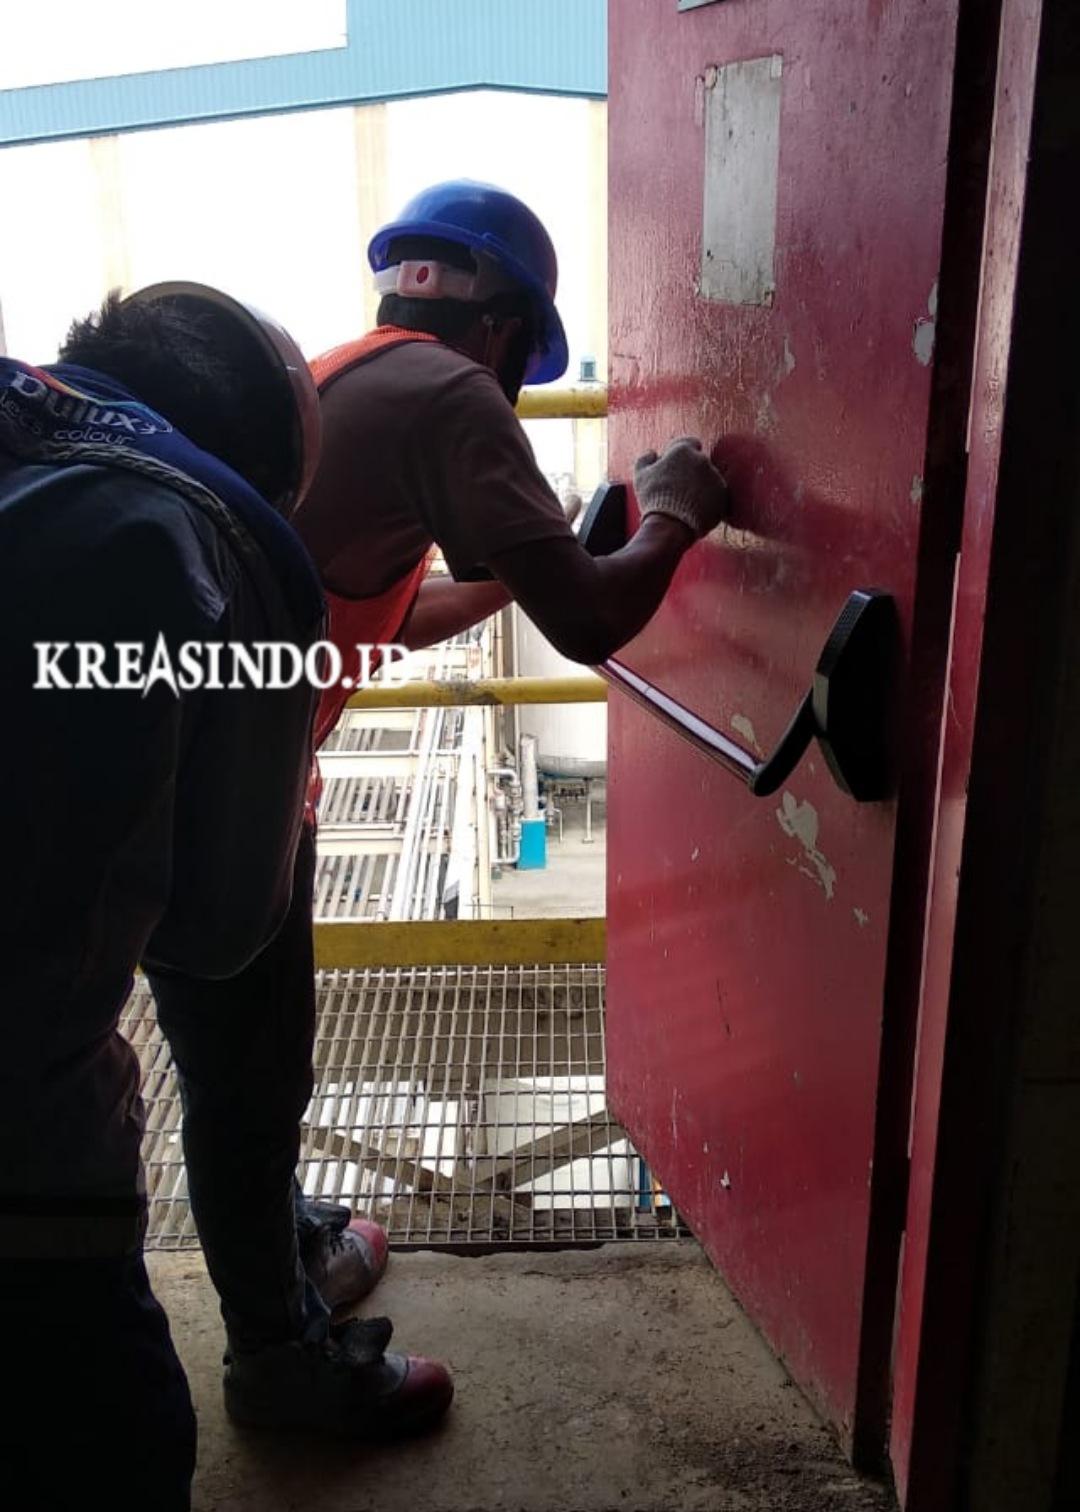 Jasa Ganti Kunci Panic Bar di Pintu Exit, Kuat dan Awet